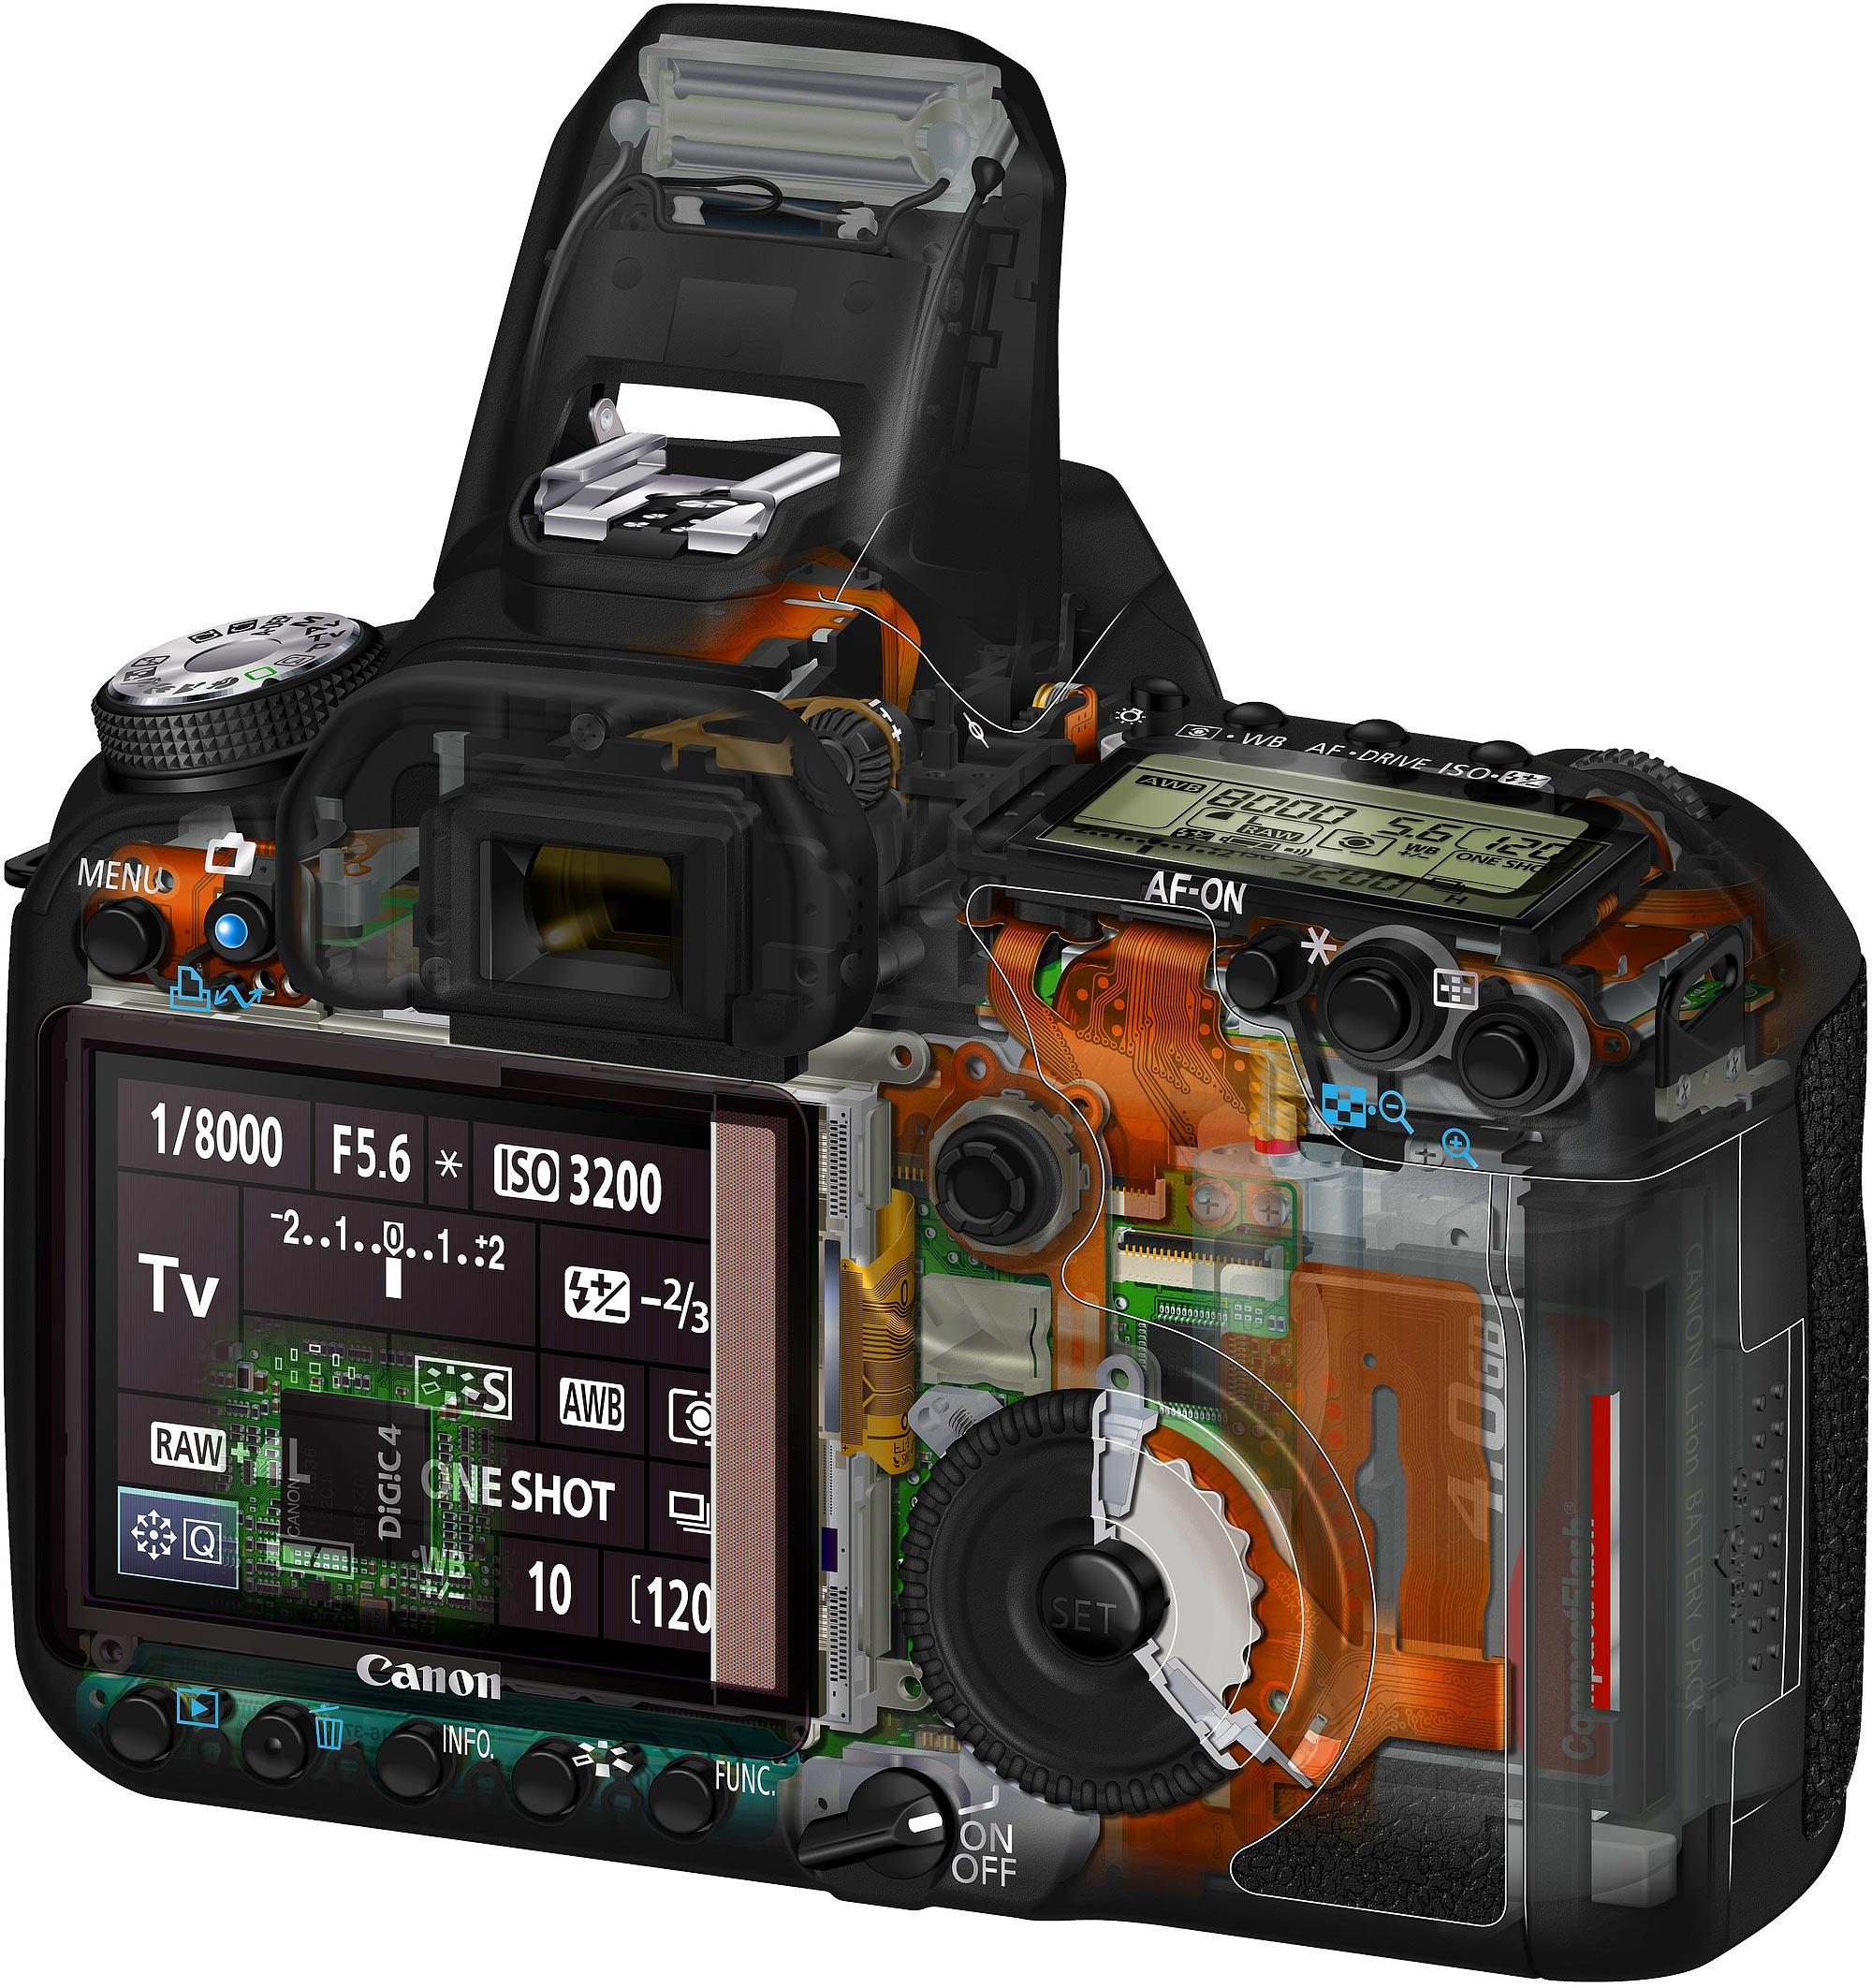 Canon EOS 50D cutaway